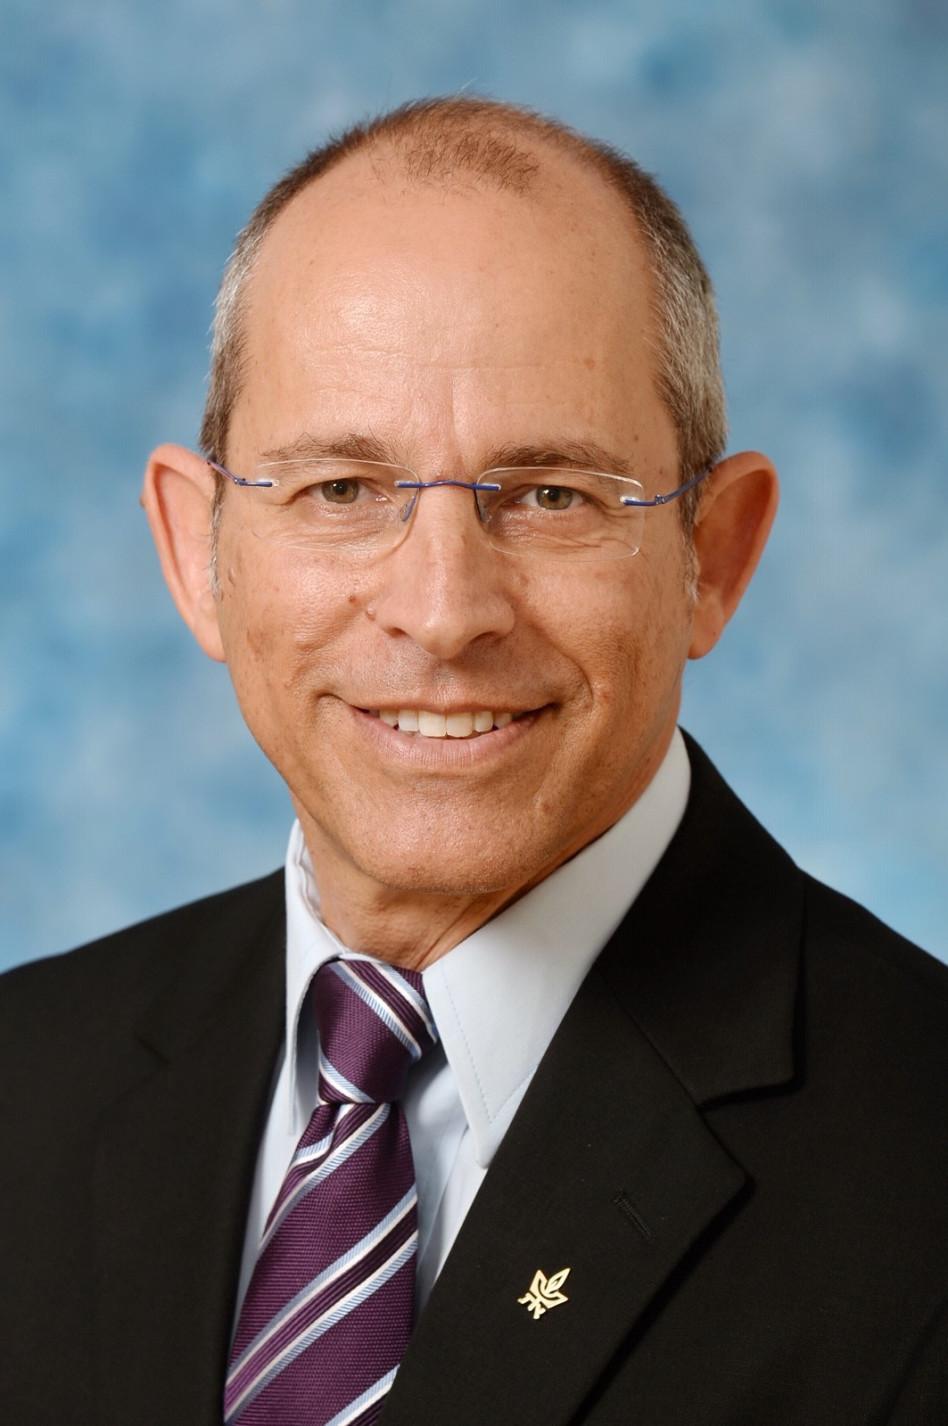 משה צבירן (צילום: ישראל הדרי)